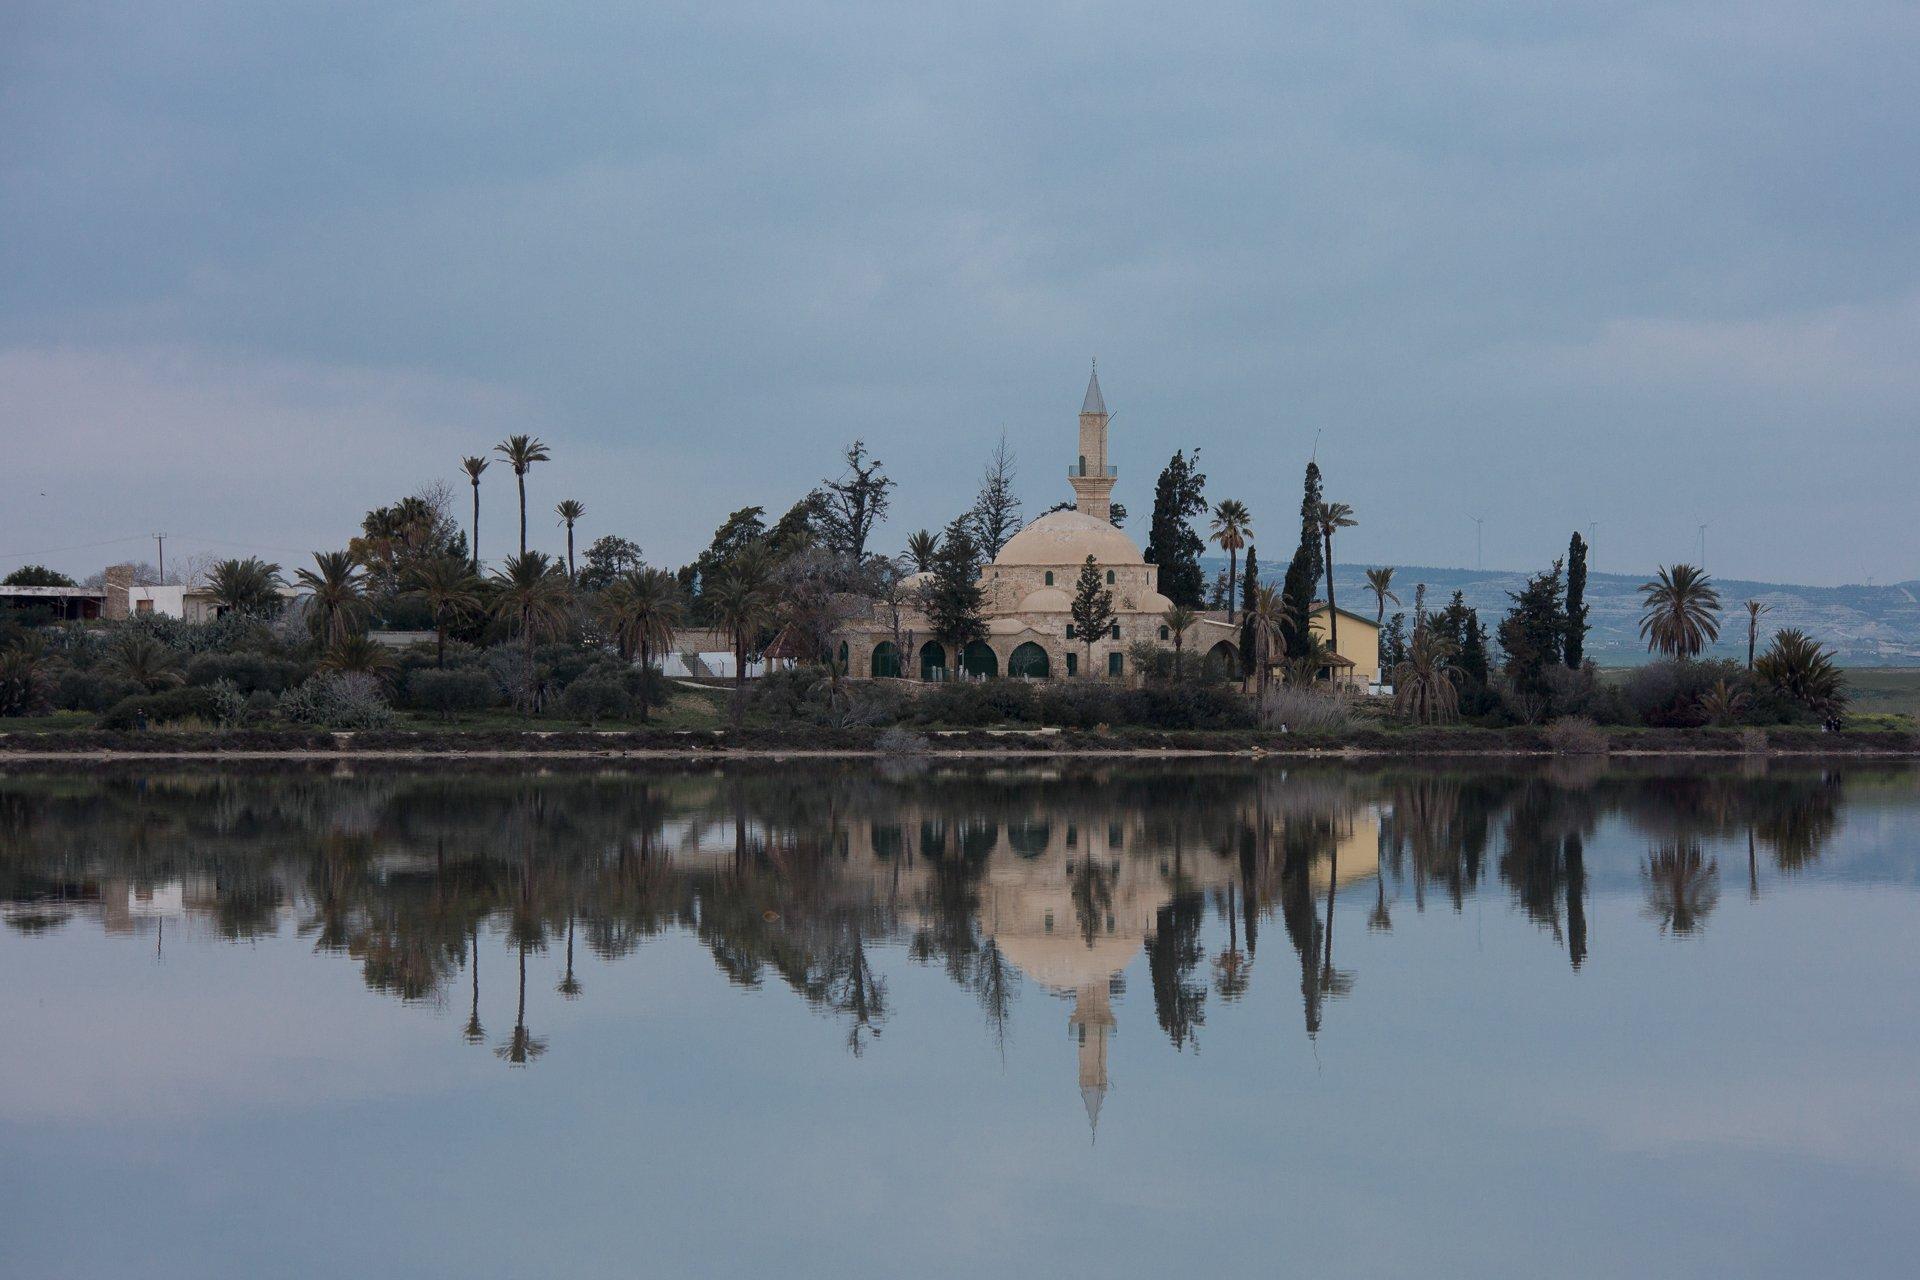 мечеть, кипр, ларнака, озеро, закат, отражение, вечер, святыня, мусульманство, Илья Беленький